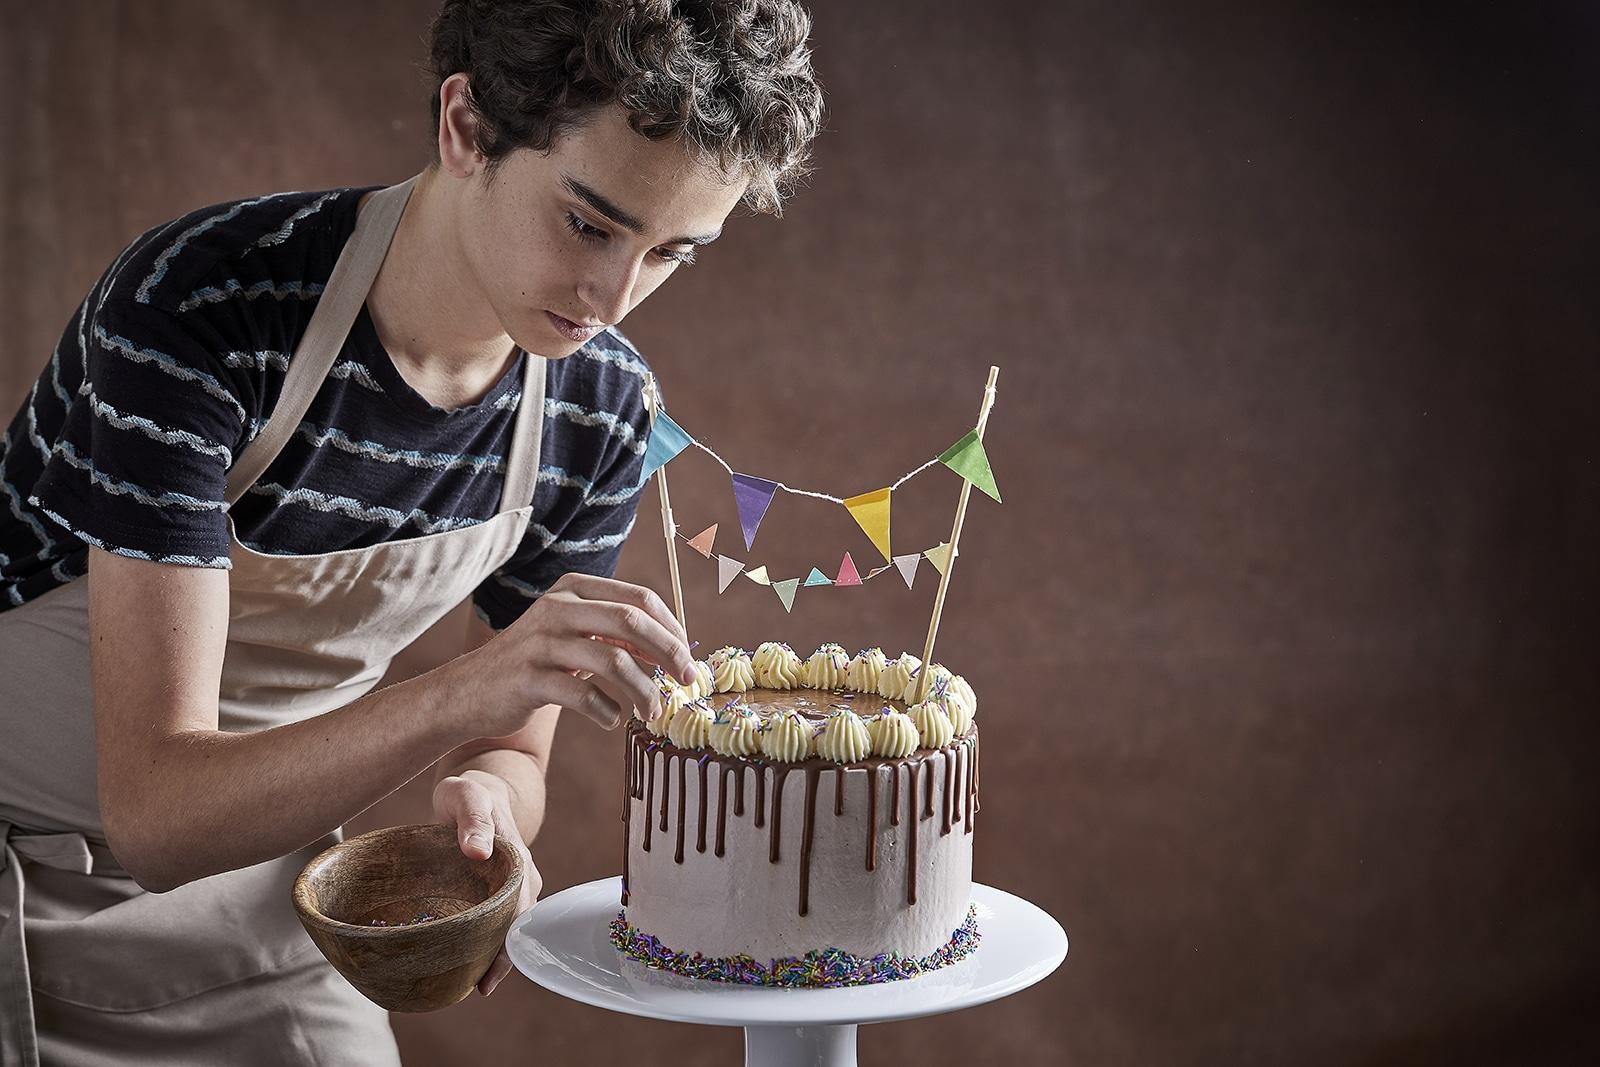 עוגת שכבות מרשימה וקלה להכנה